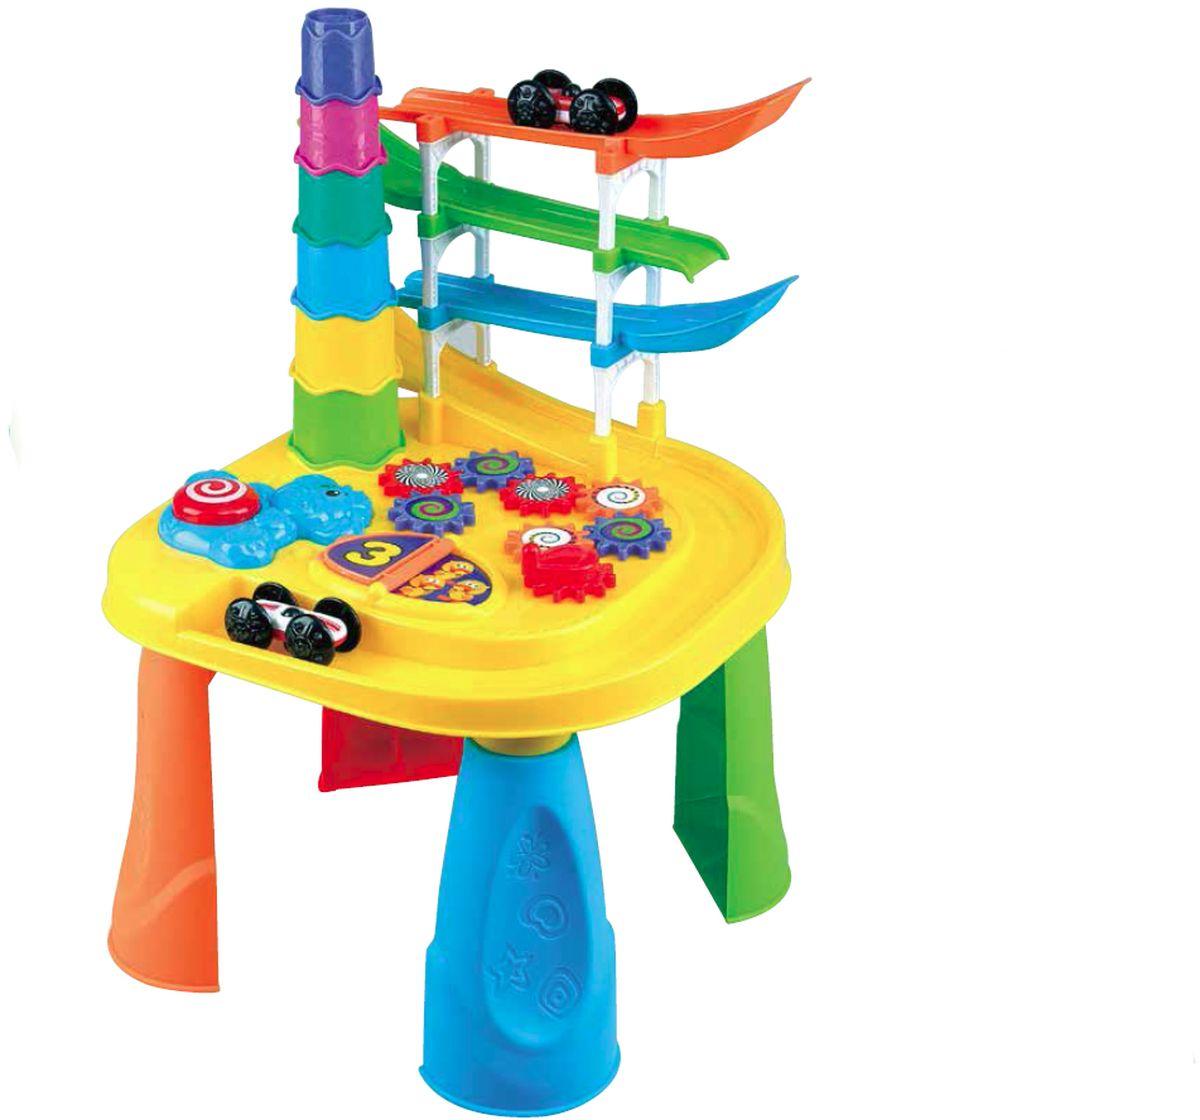 PlayGo Развивающий центр Стол развивающий центр playgo на кроватку подсолнух 2458